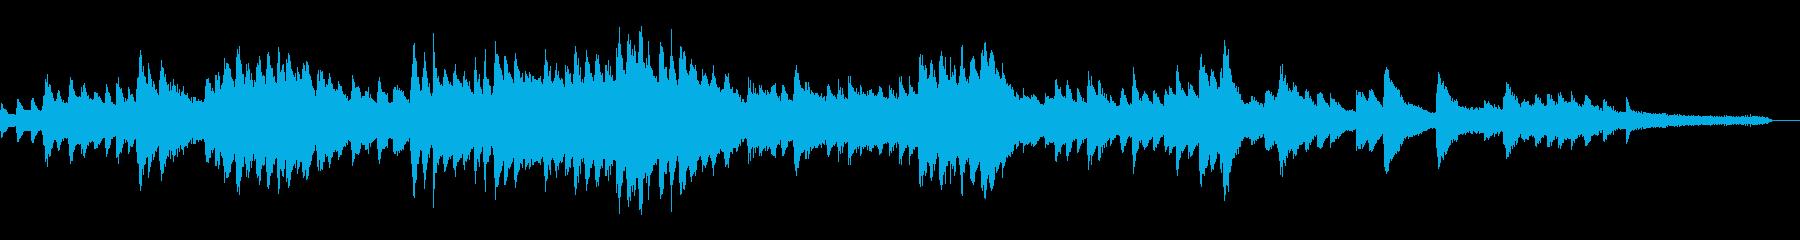 孤独に打ちひしがれる切ないピアノバラードの再生済みの波形